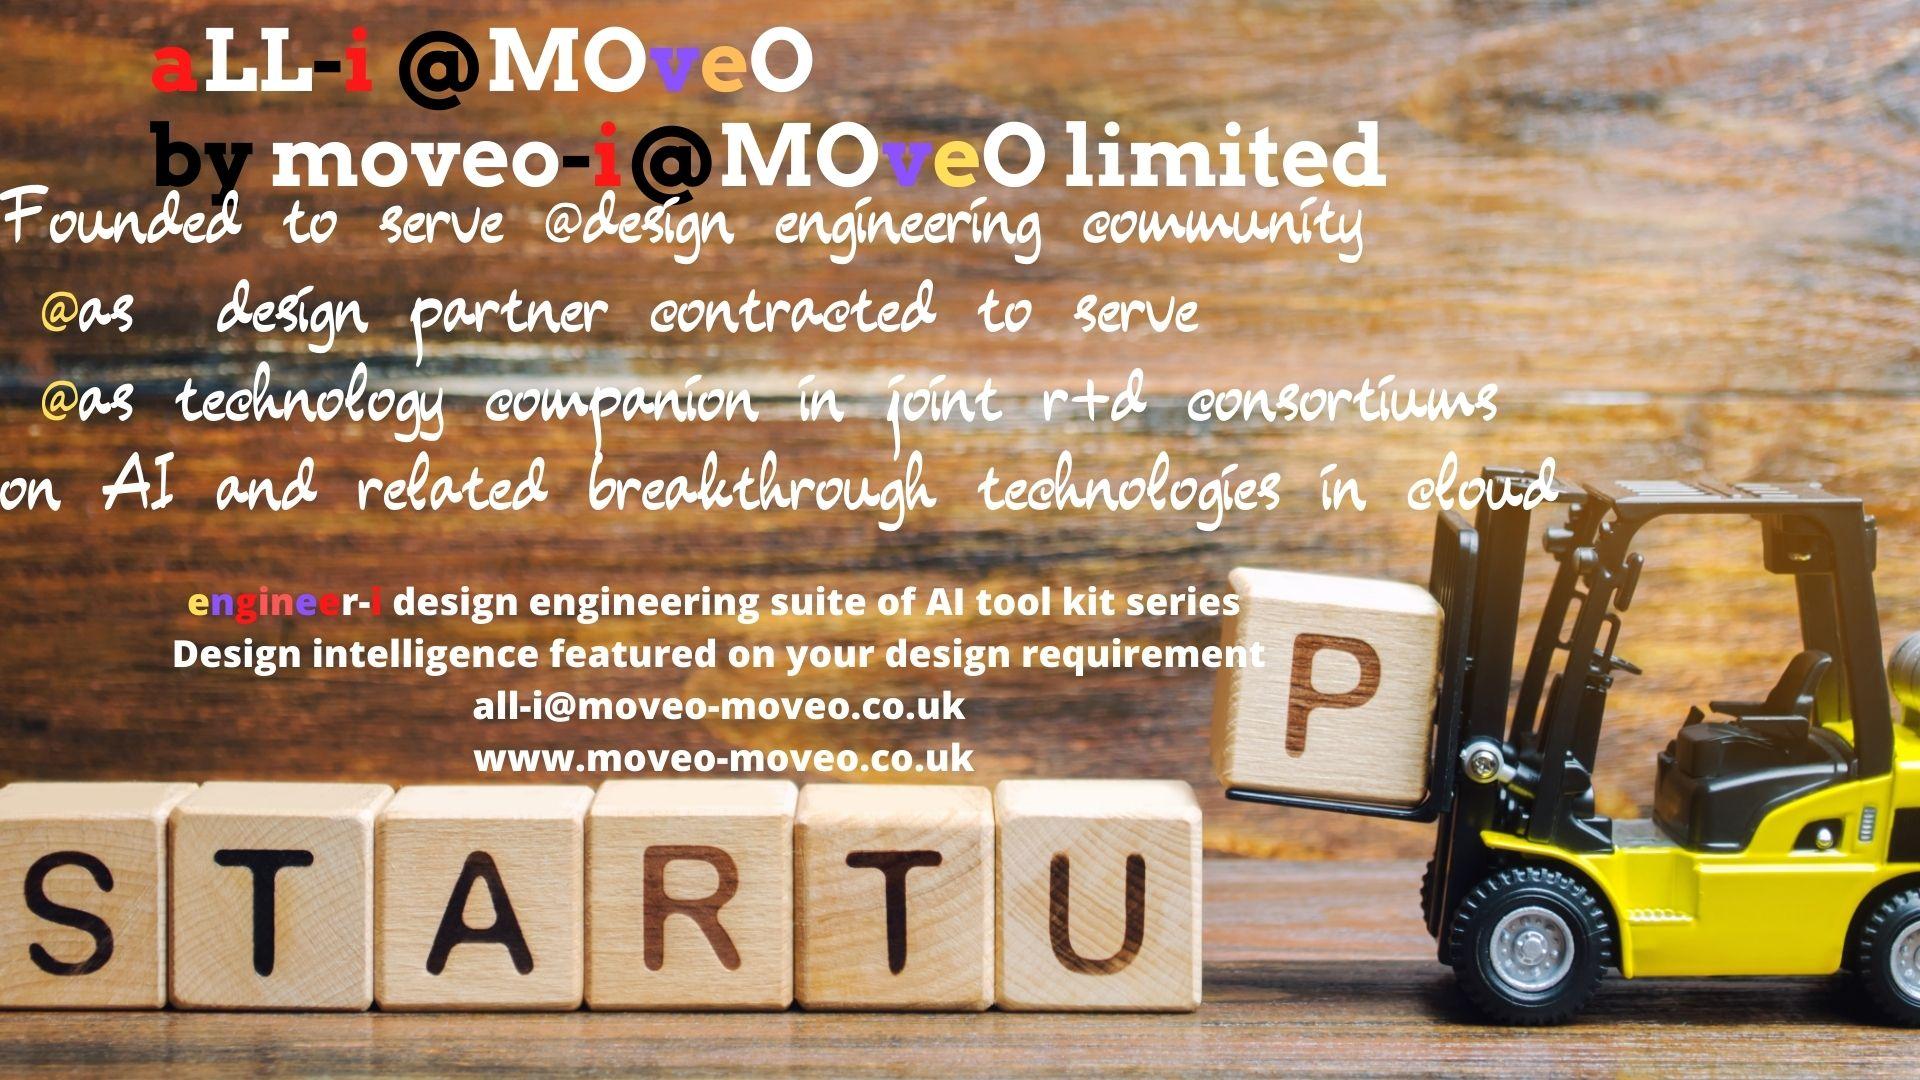 aLL-i @MOveO by moveo-i@MOveO limited (2